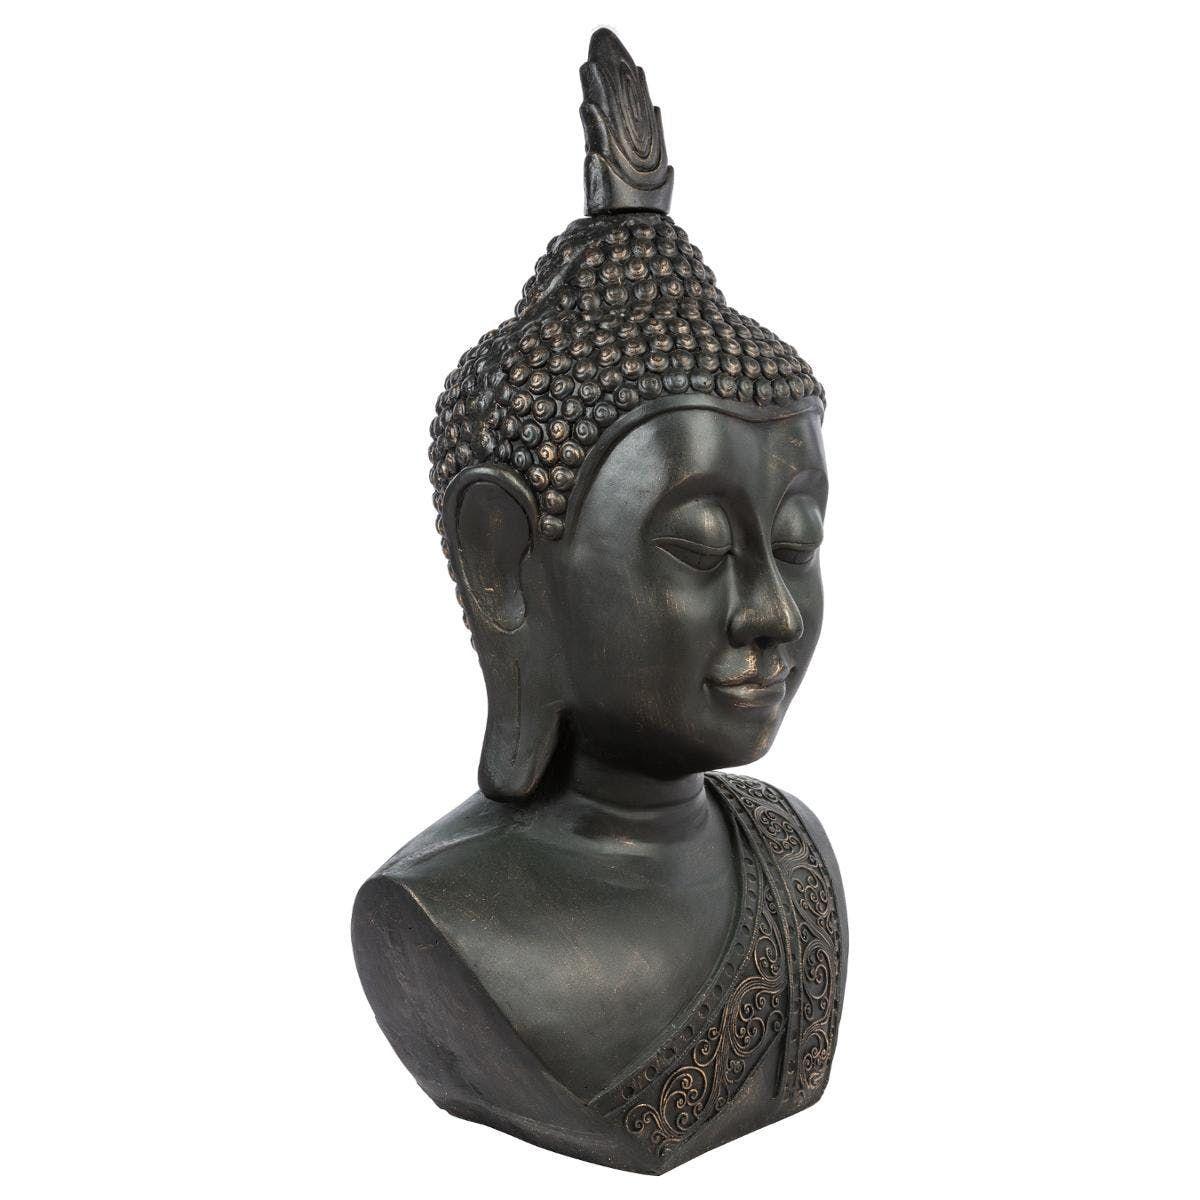 Tête De Bouddha En Fibre Grise Patinée 56X45Xh113Cm | Statue ... à Tete De Bouddha Pour Jardin